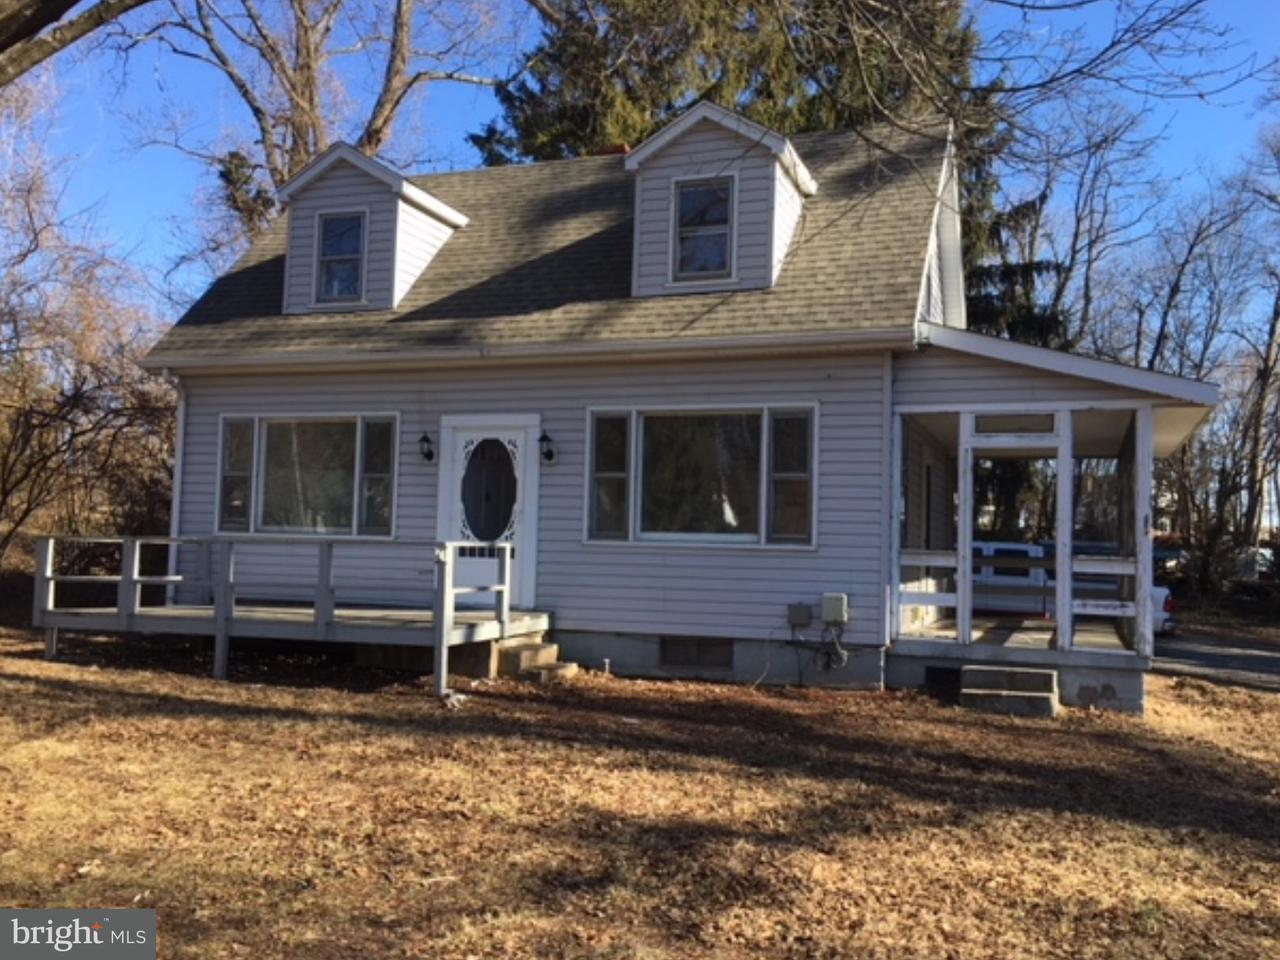 Частный односемейный дом для того Продажа на 3162 S DUPONT HWY Townsend, Делавэр 19734 Соединенные Штаты